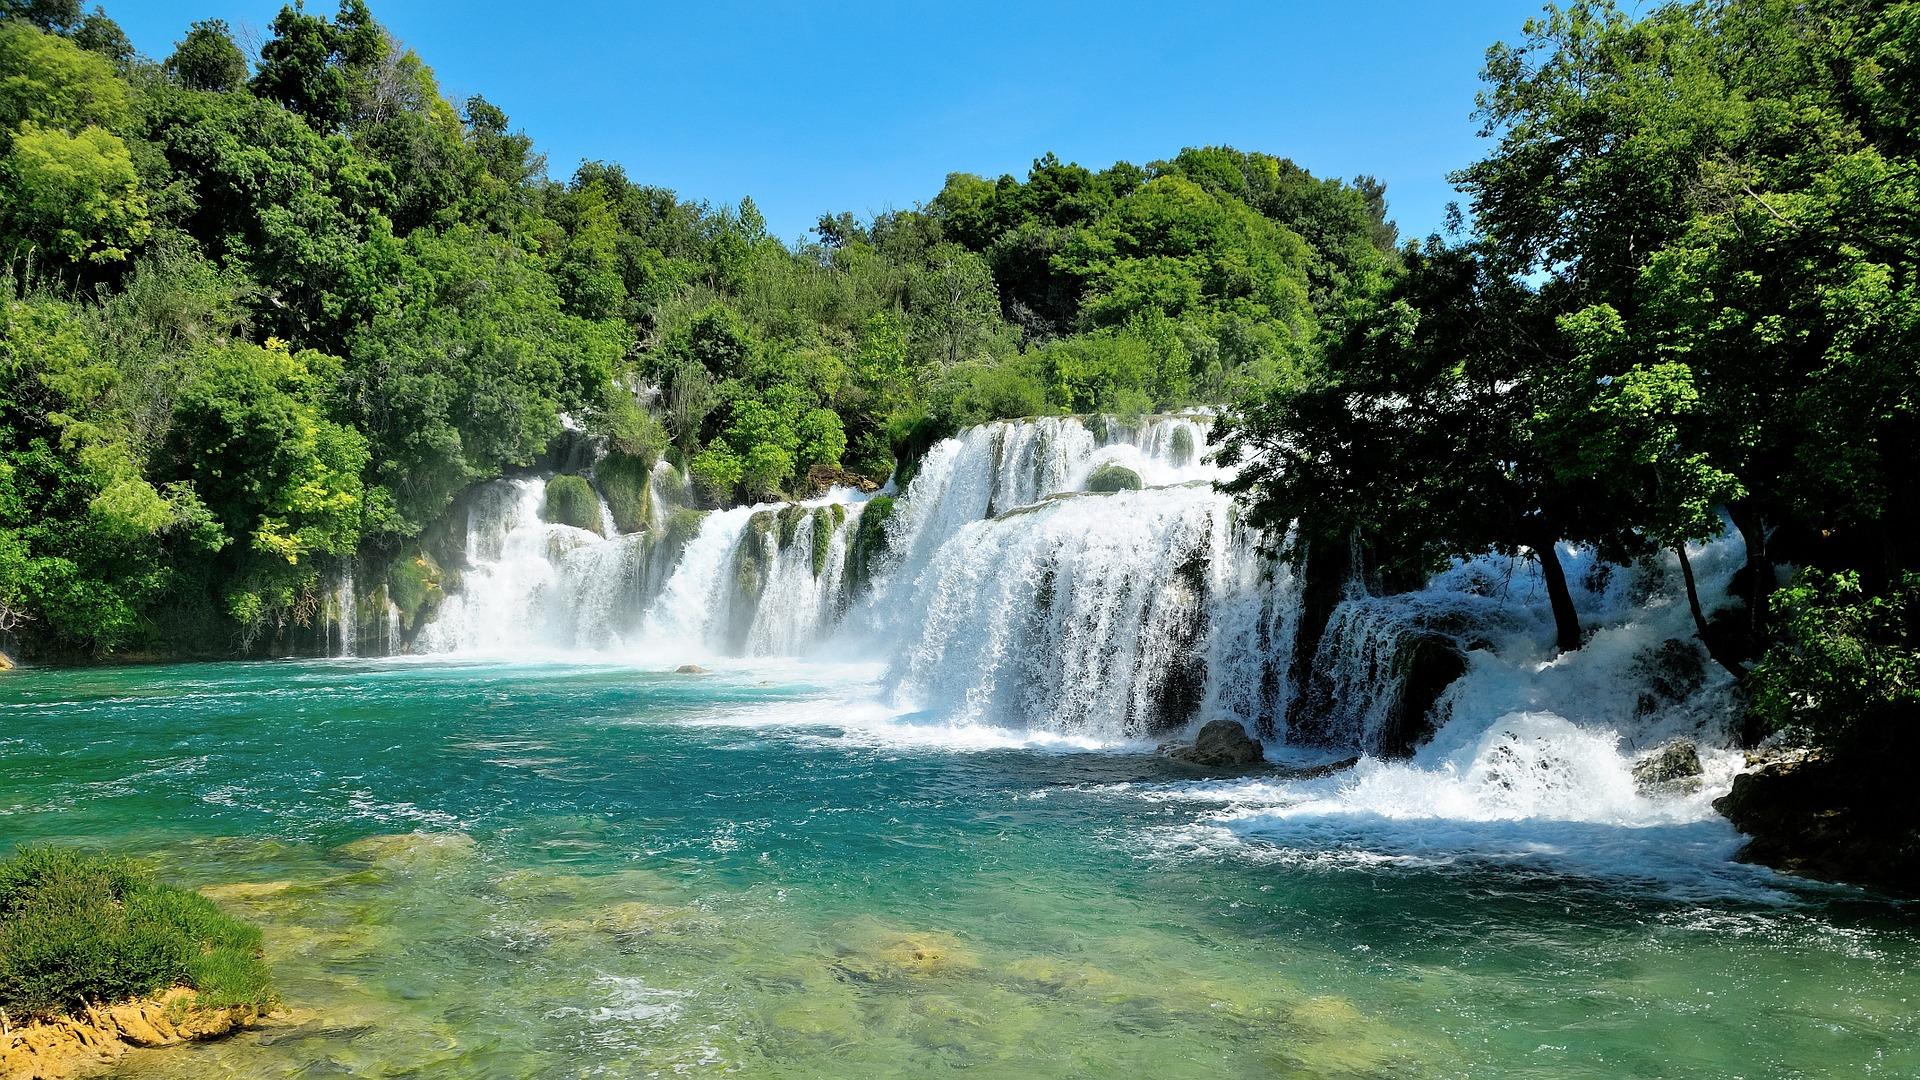 kroatie - kroatie vakantie - kroatie bezienswaardigheden - kroatie activiteiten